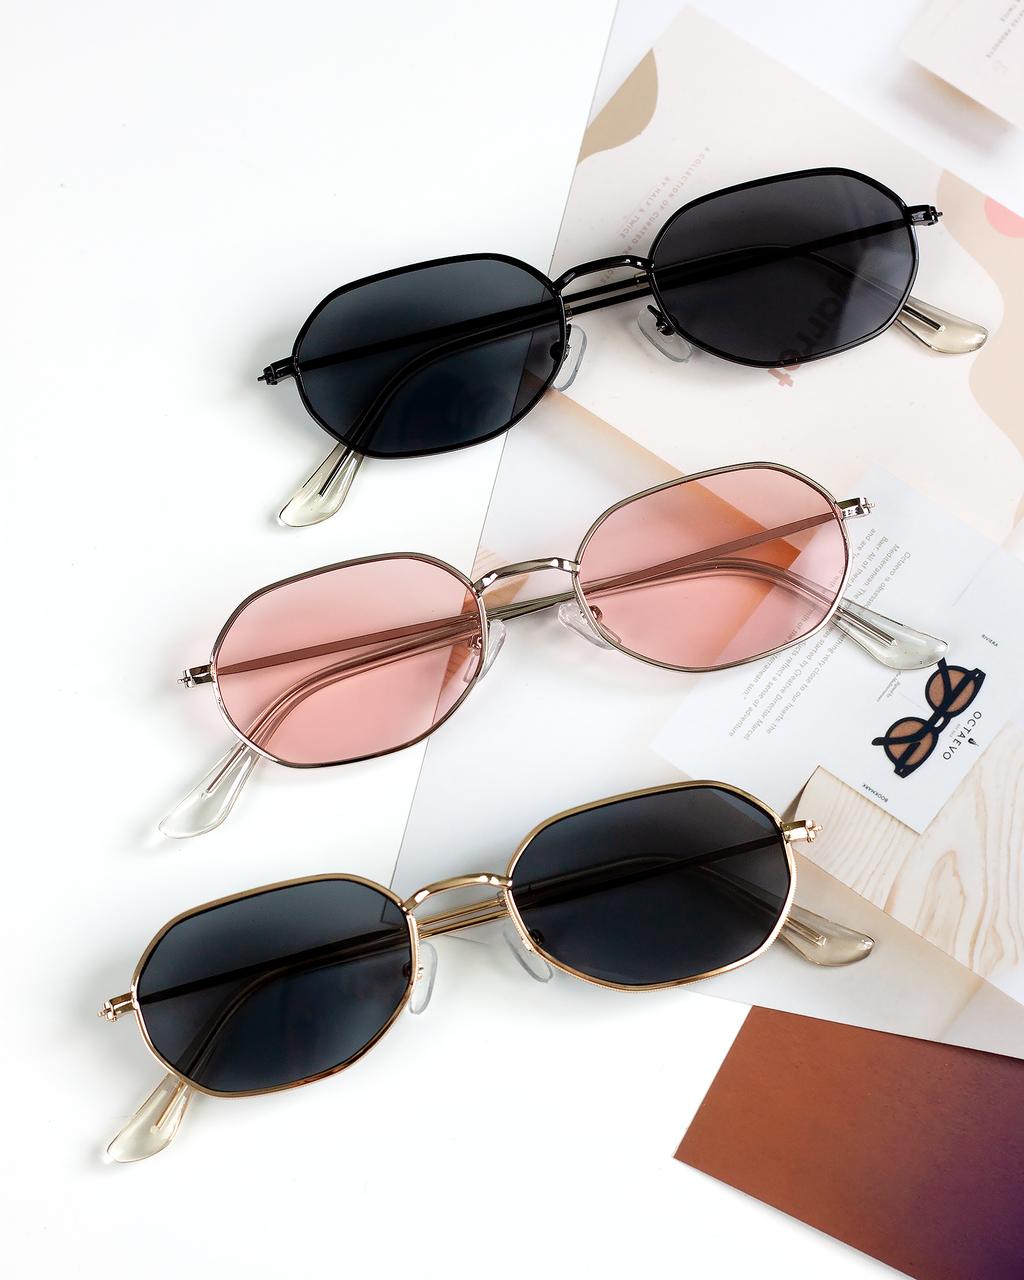 Очки солнцезащитные в стиле Ray-ban Hexagonal унисекс мужские женские квадратные